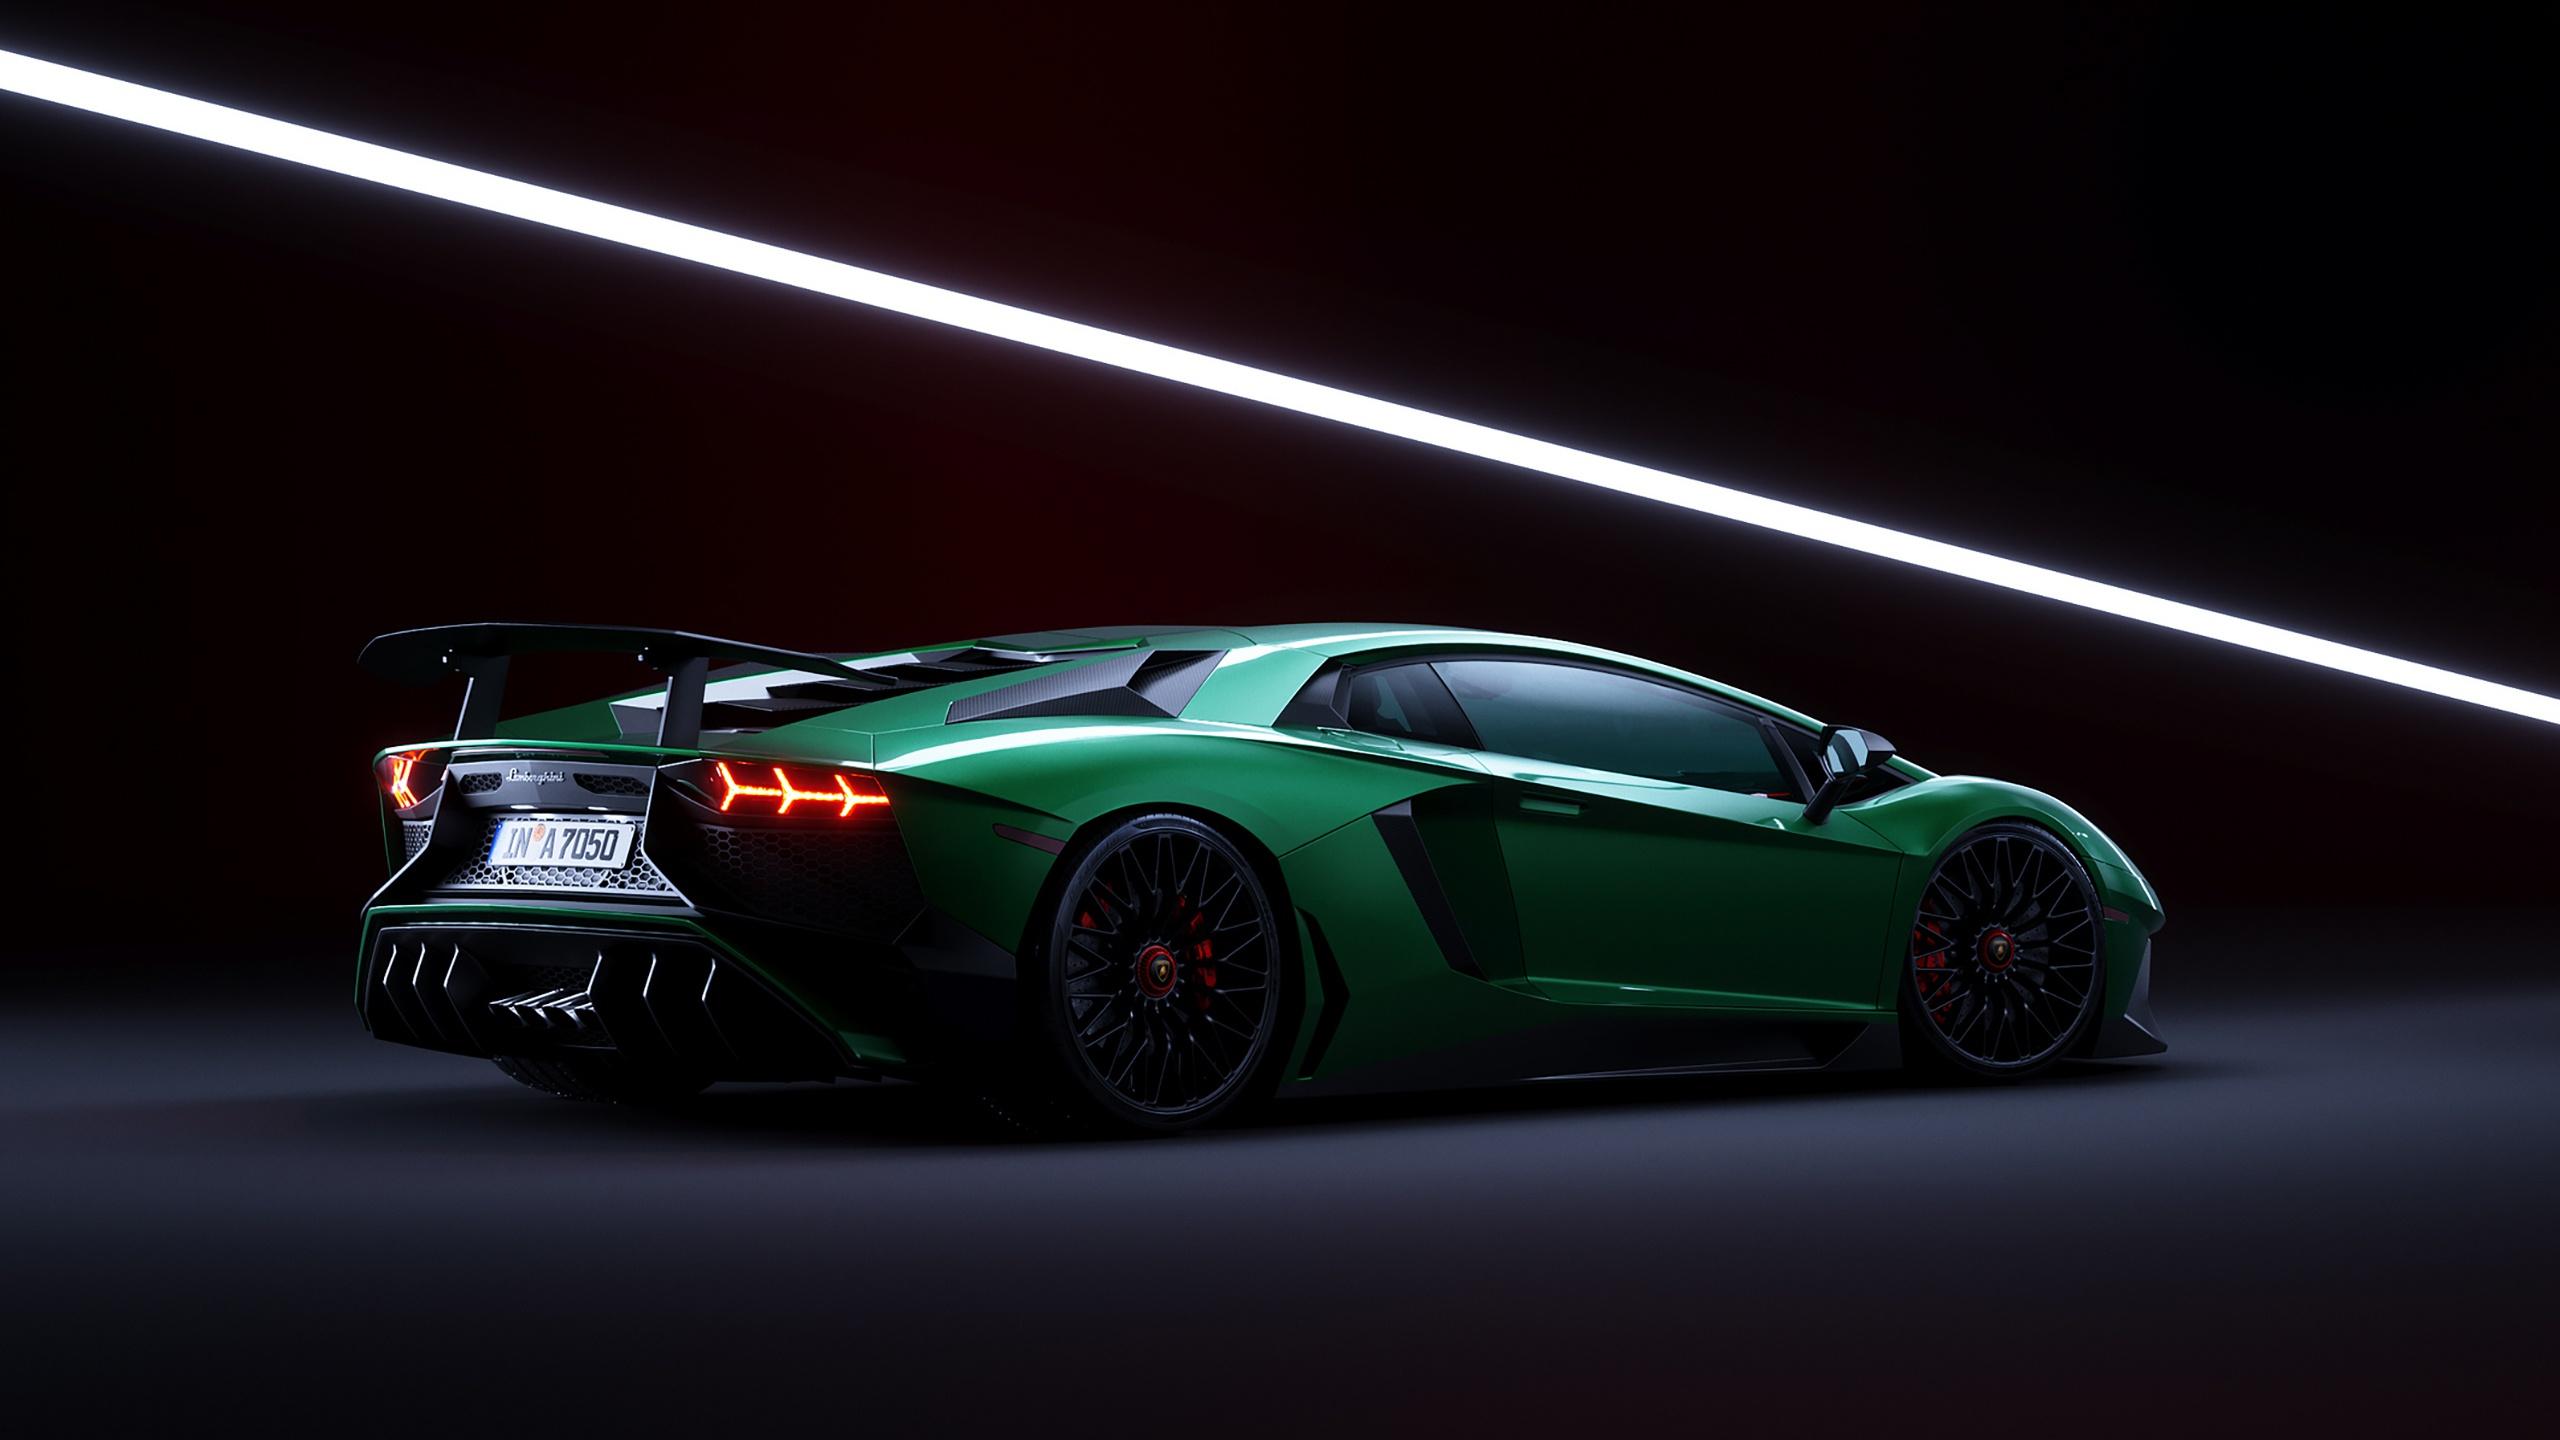 Lamborghini Car Supercar Sport Car Green Car 2560x1440